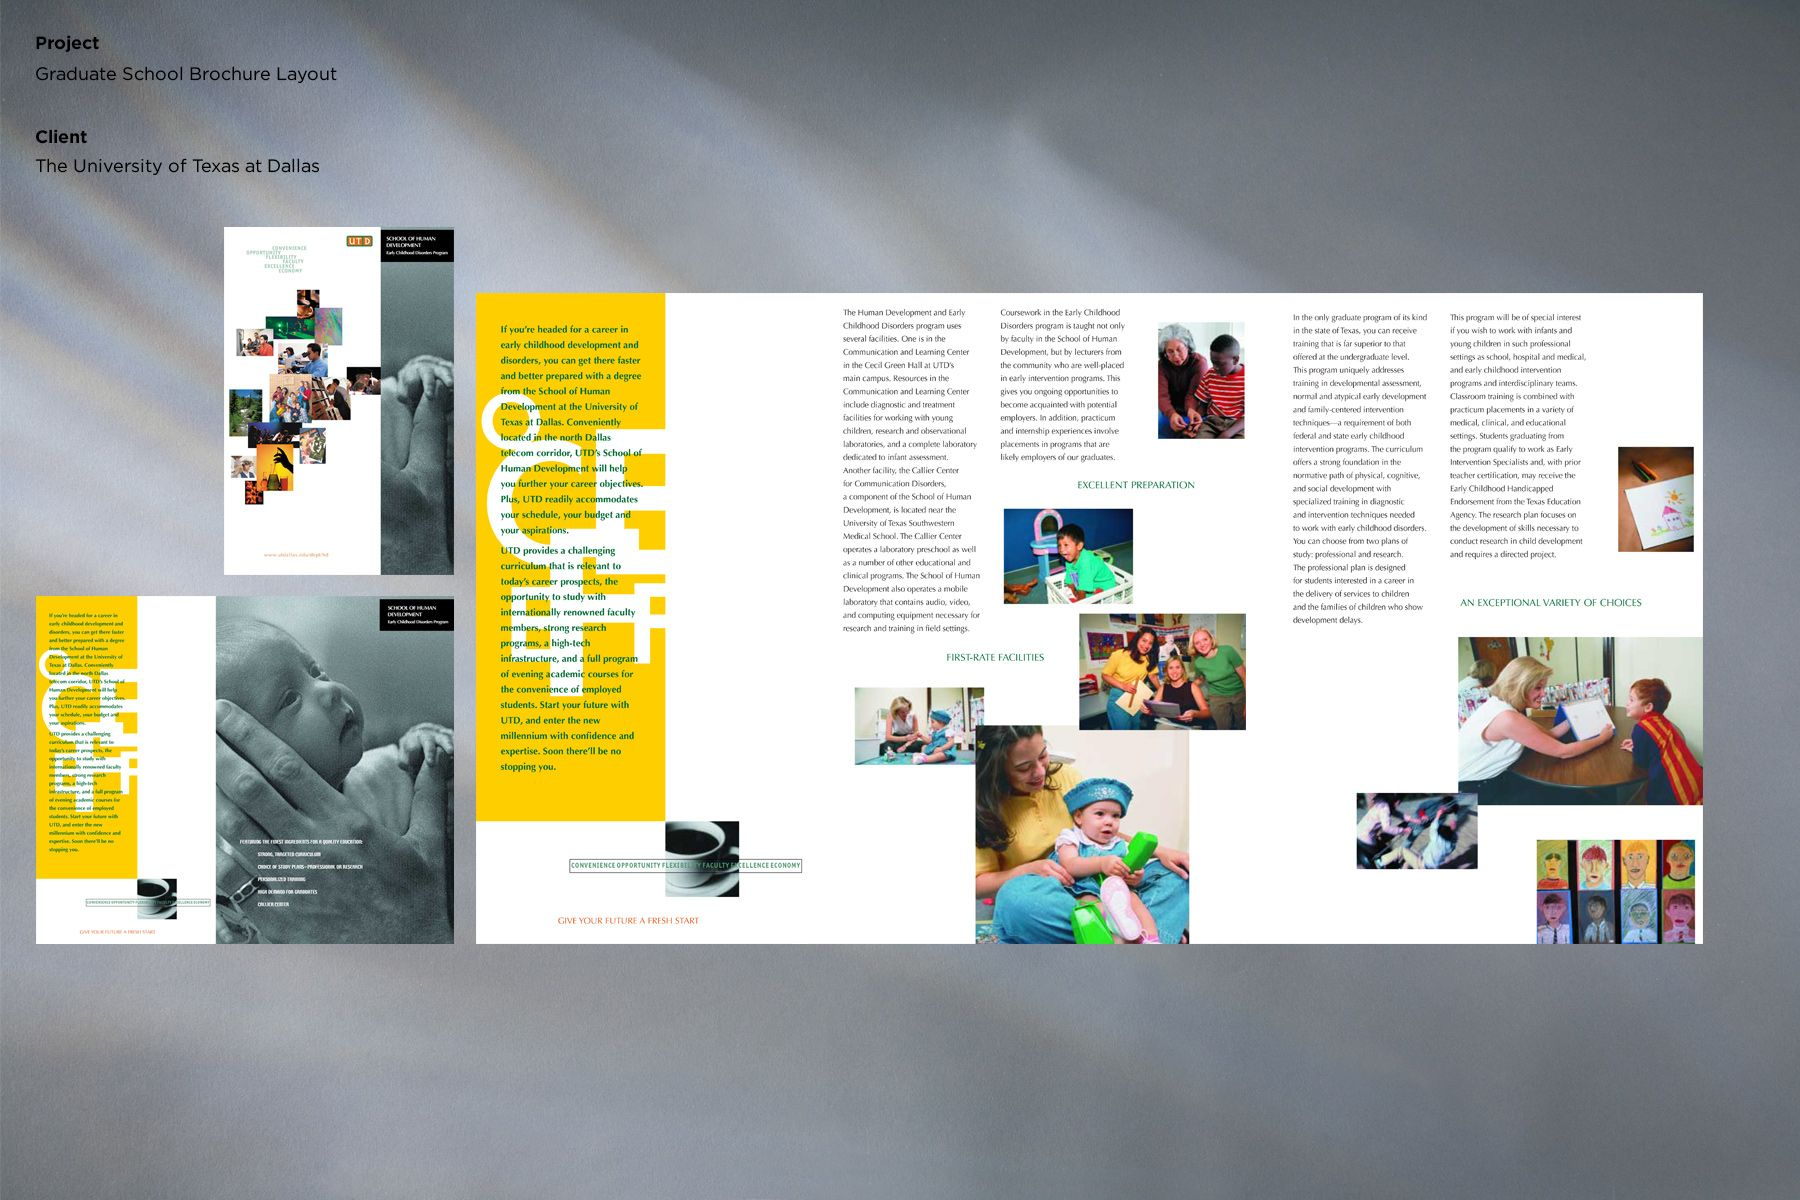 UTD-Foldout-layout.jpg